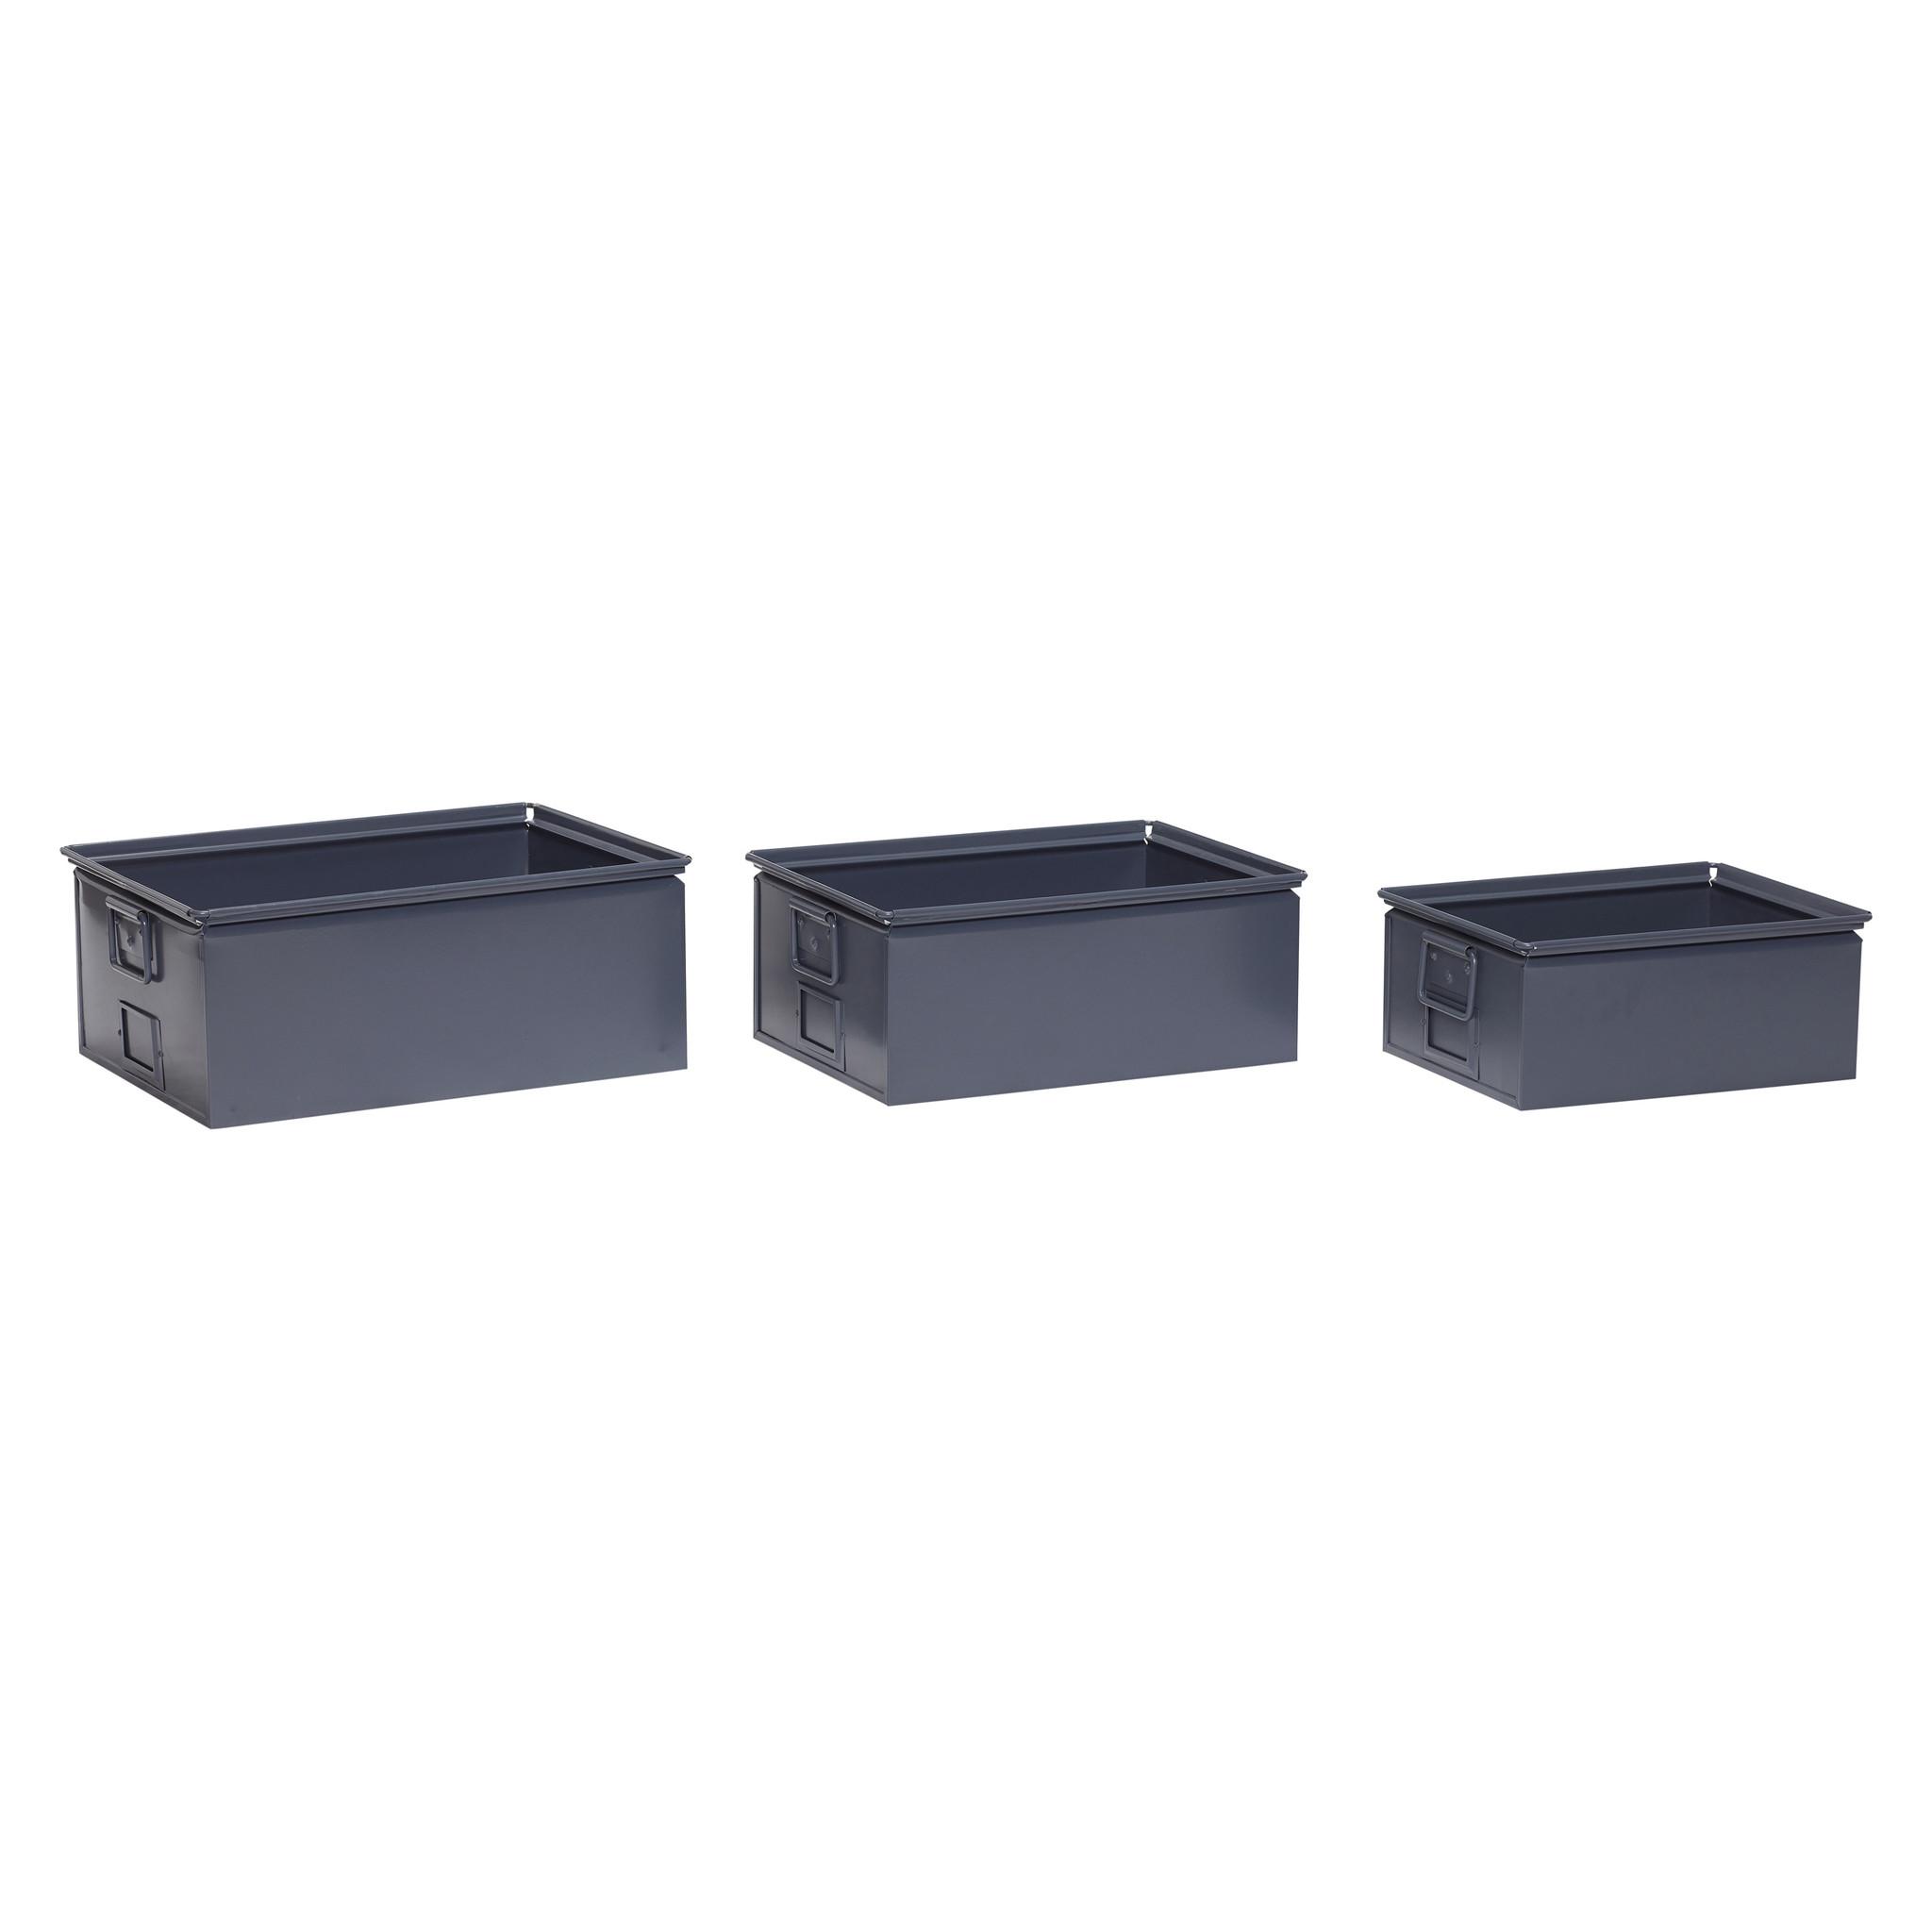 Hubsch Opbergbox met handvat, metaal, grijs, set van 3